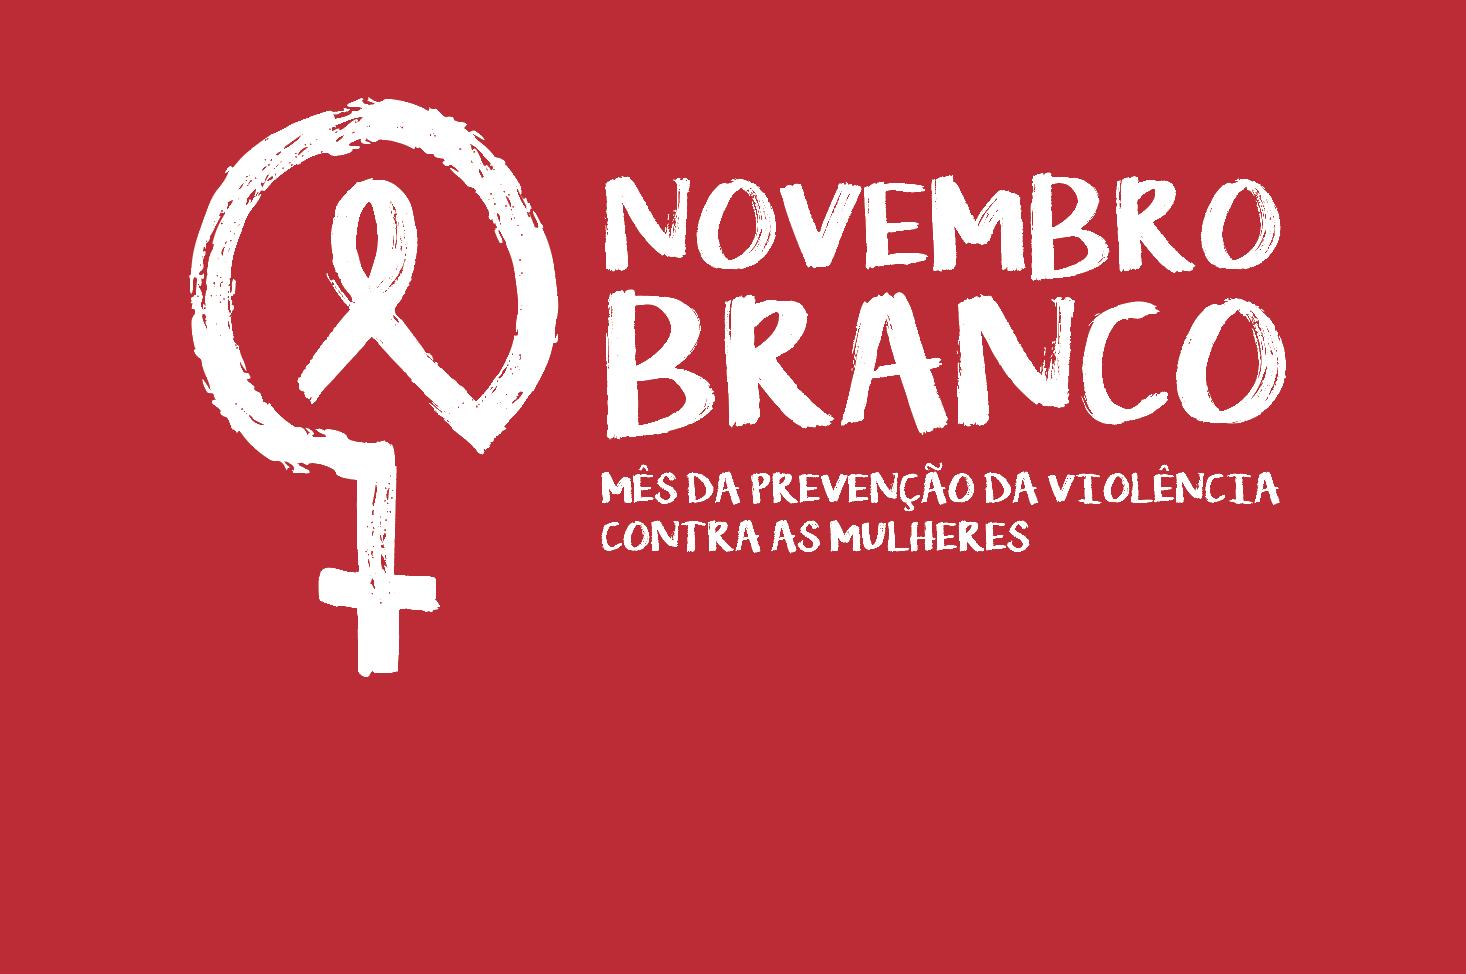 Esposende combate violência contra mulheres com 'Novembro Branco'